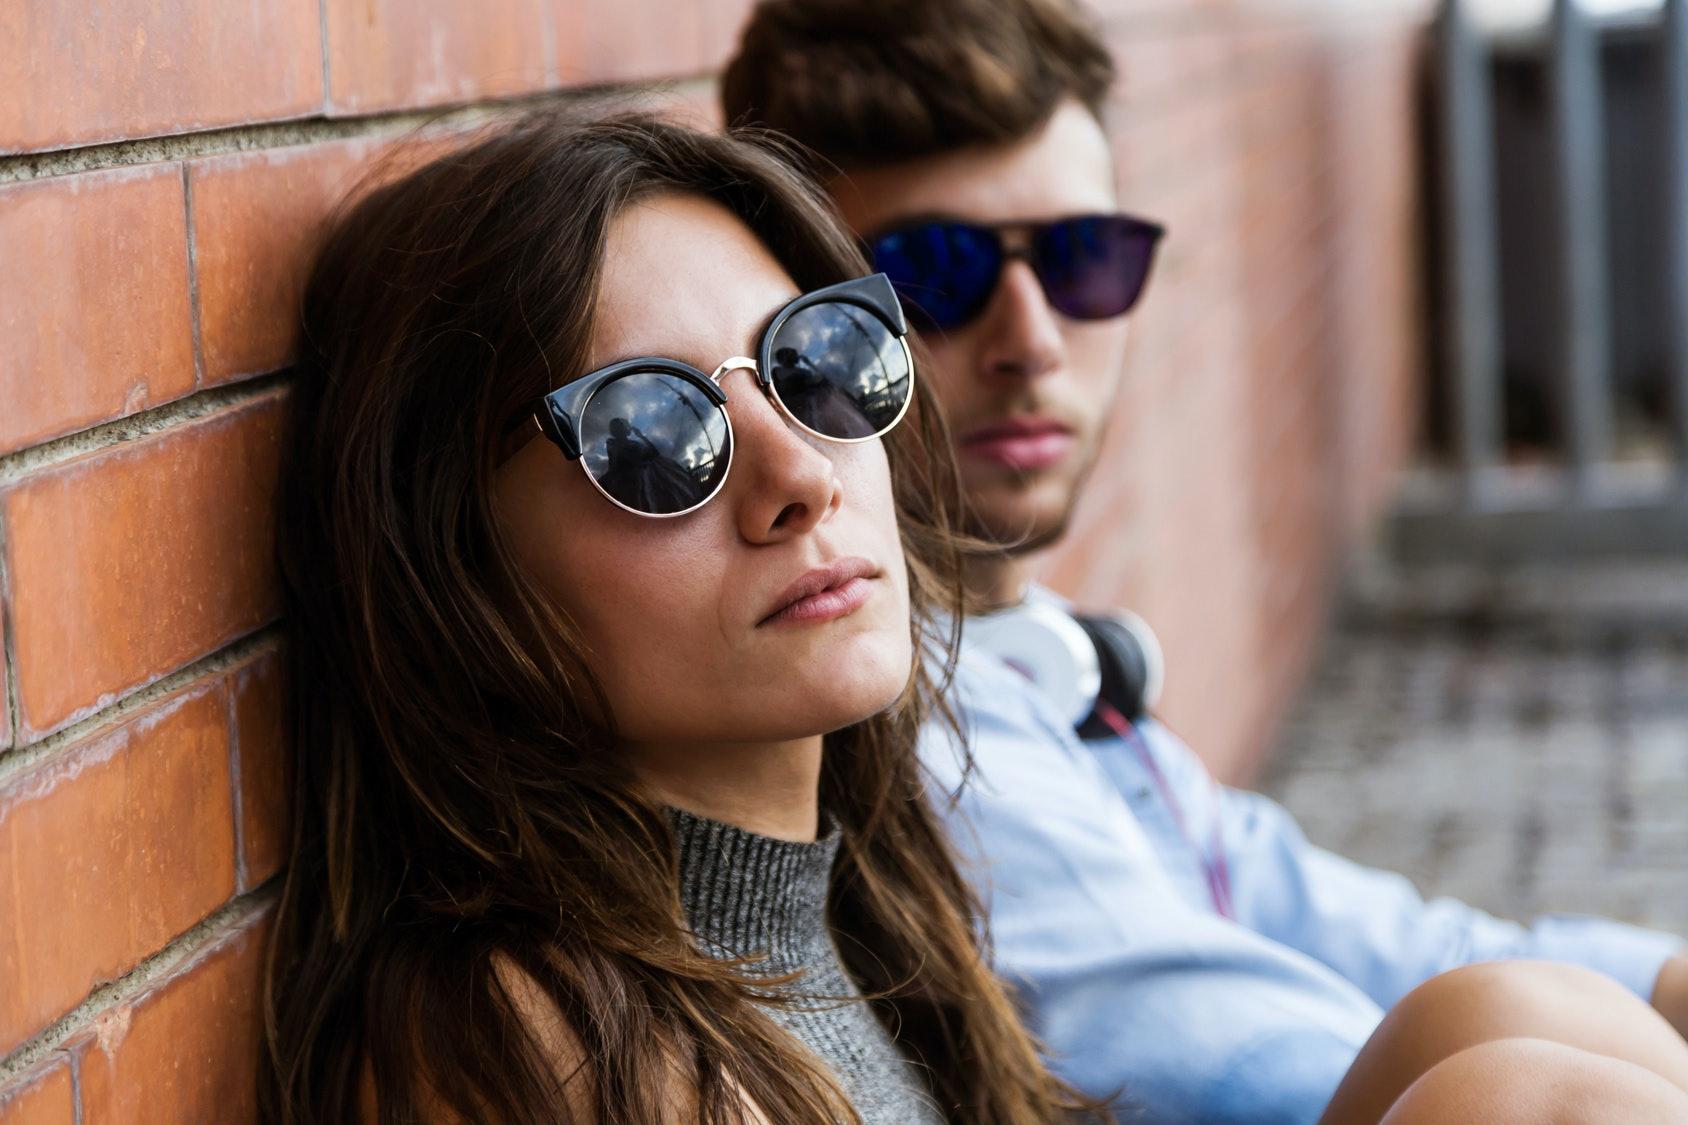 Keren beken online dating